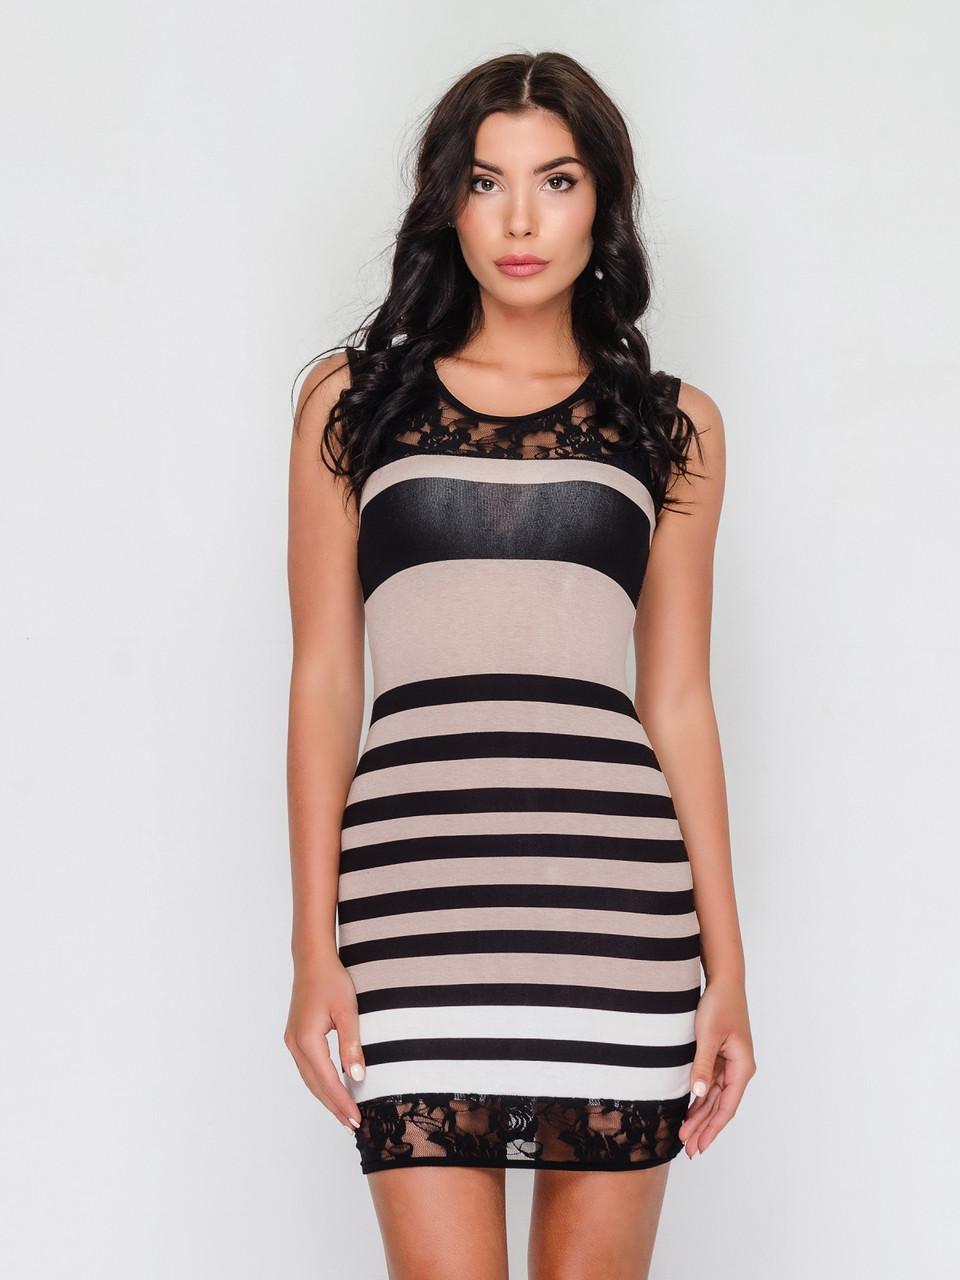 Летнее женское платье из трикотажа без застежек, со вставками гипюра 90170, фото 1